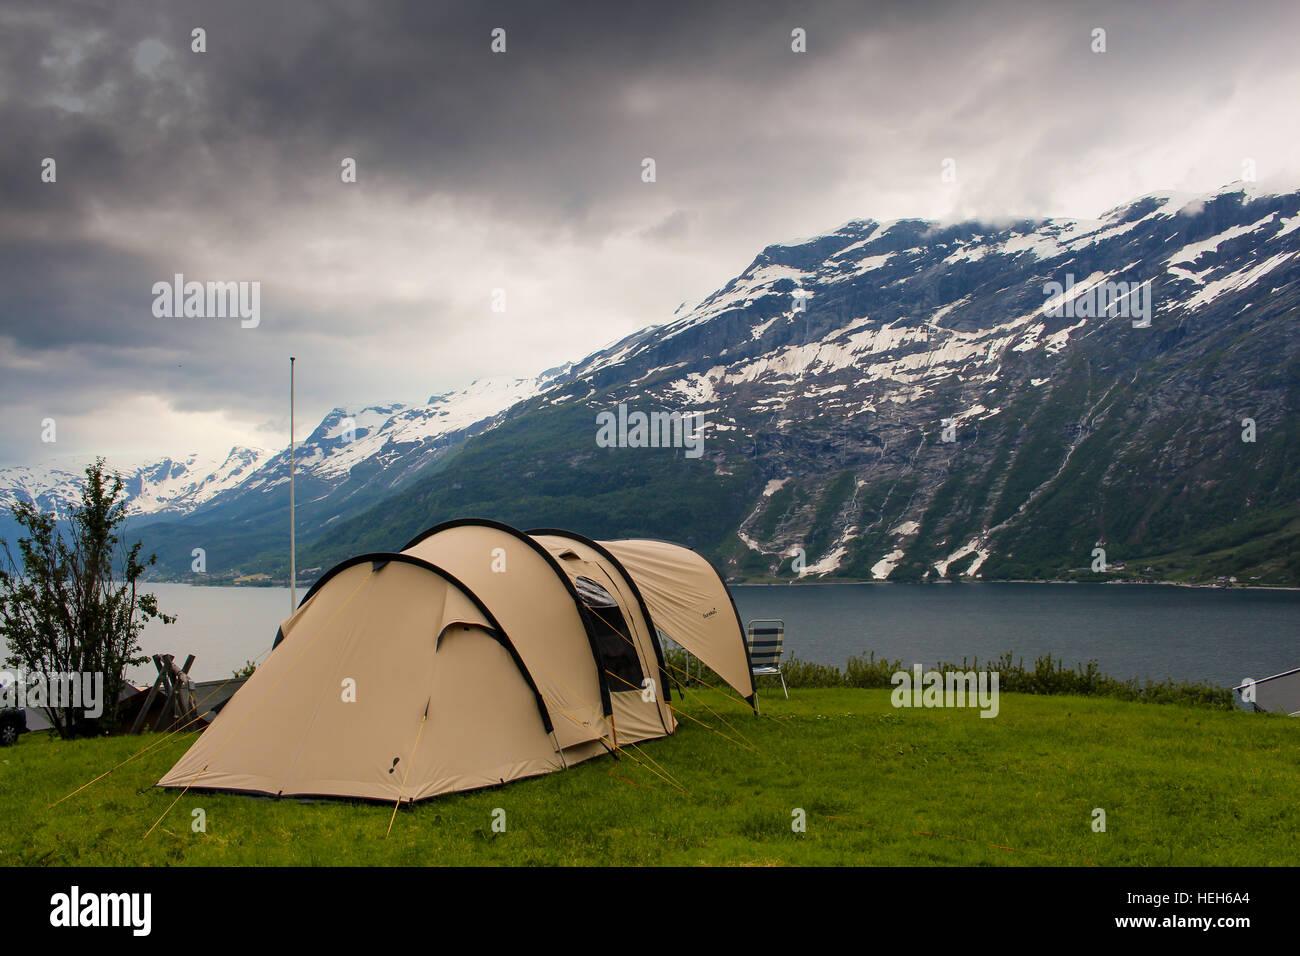 Tende da campeggio su un fiordo norvegese con nuvole scure e montagne coperte di neve in background Immagini Stock